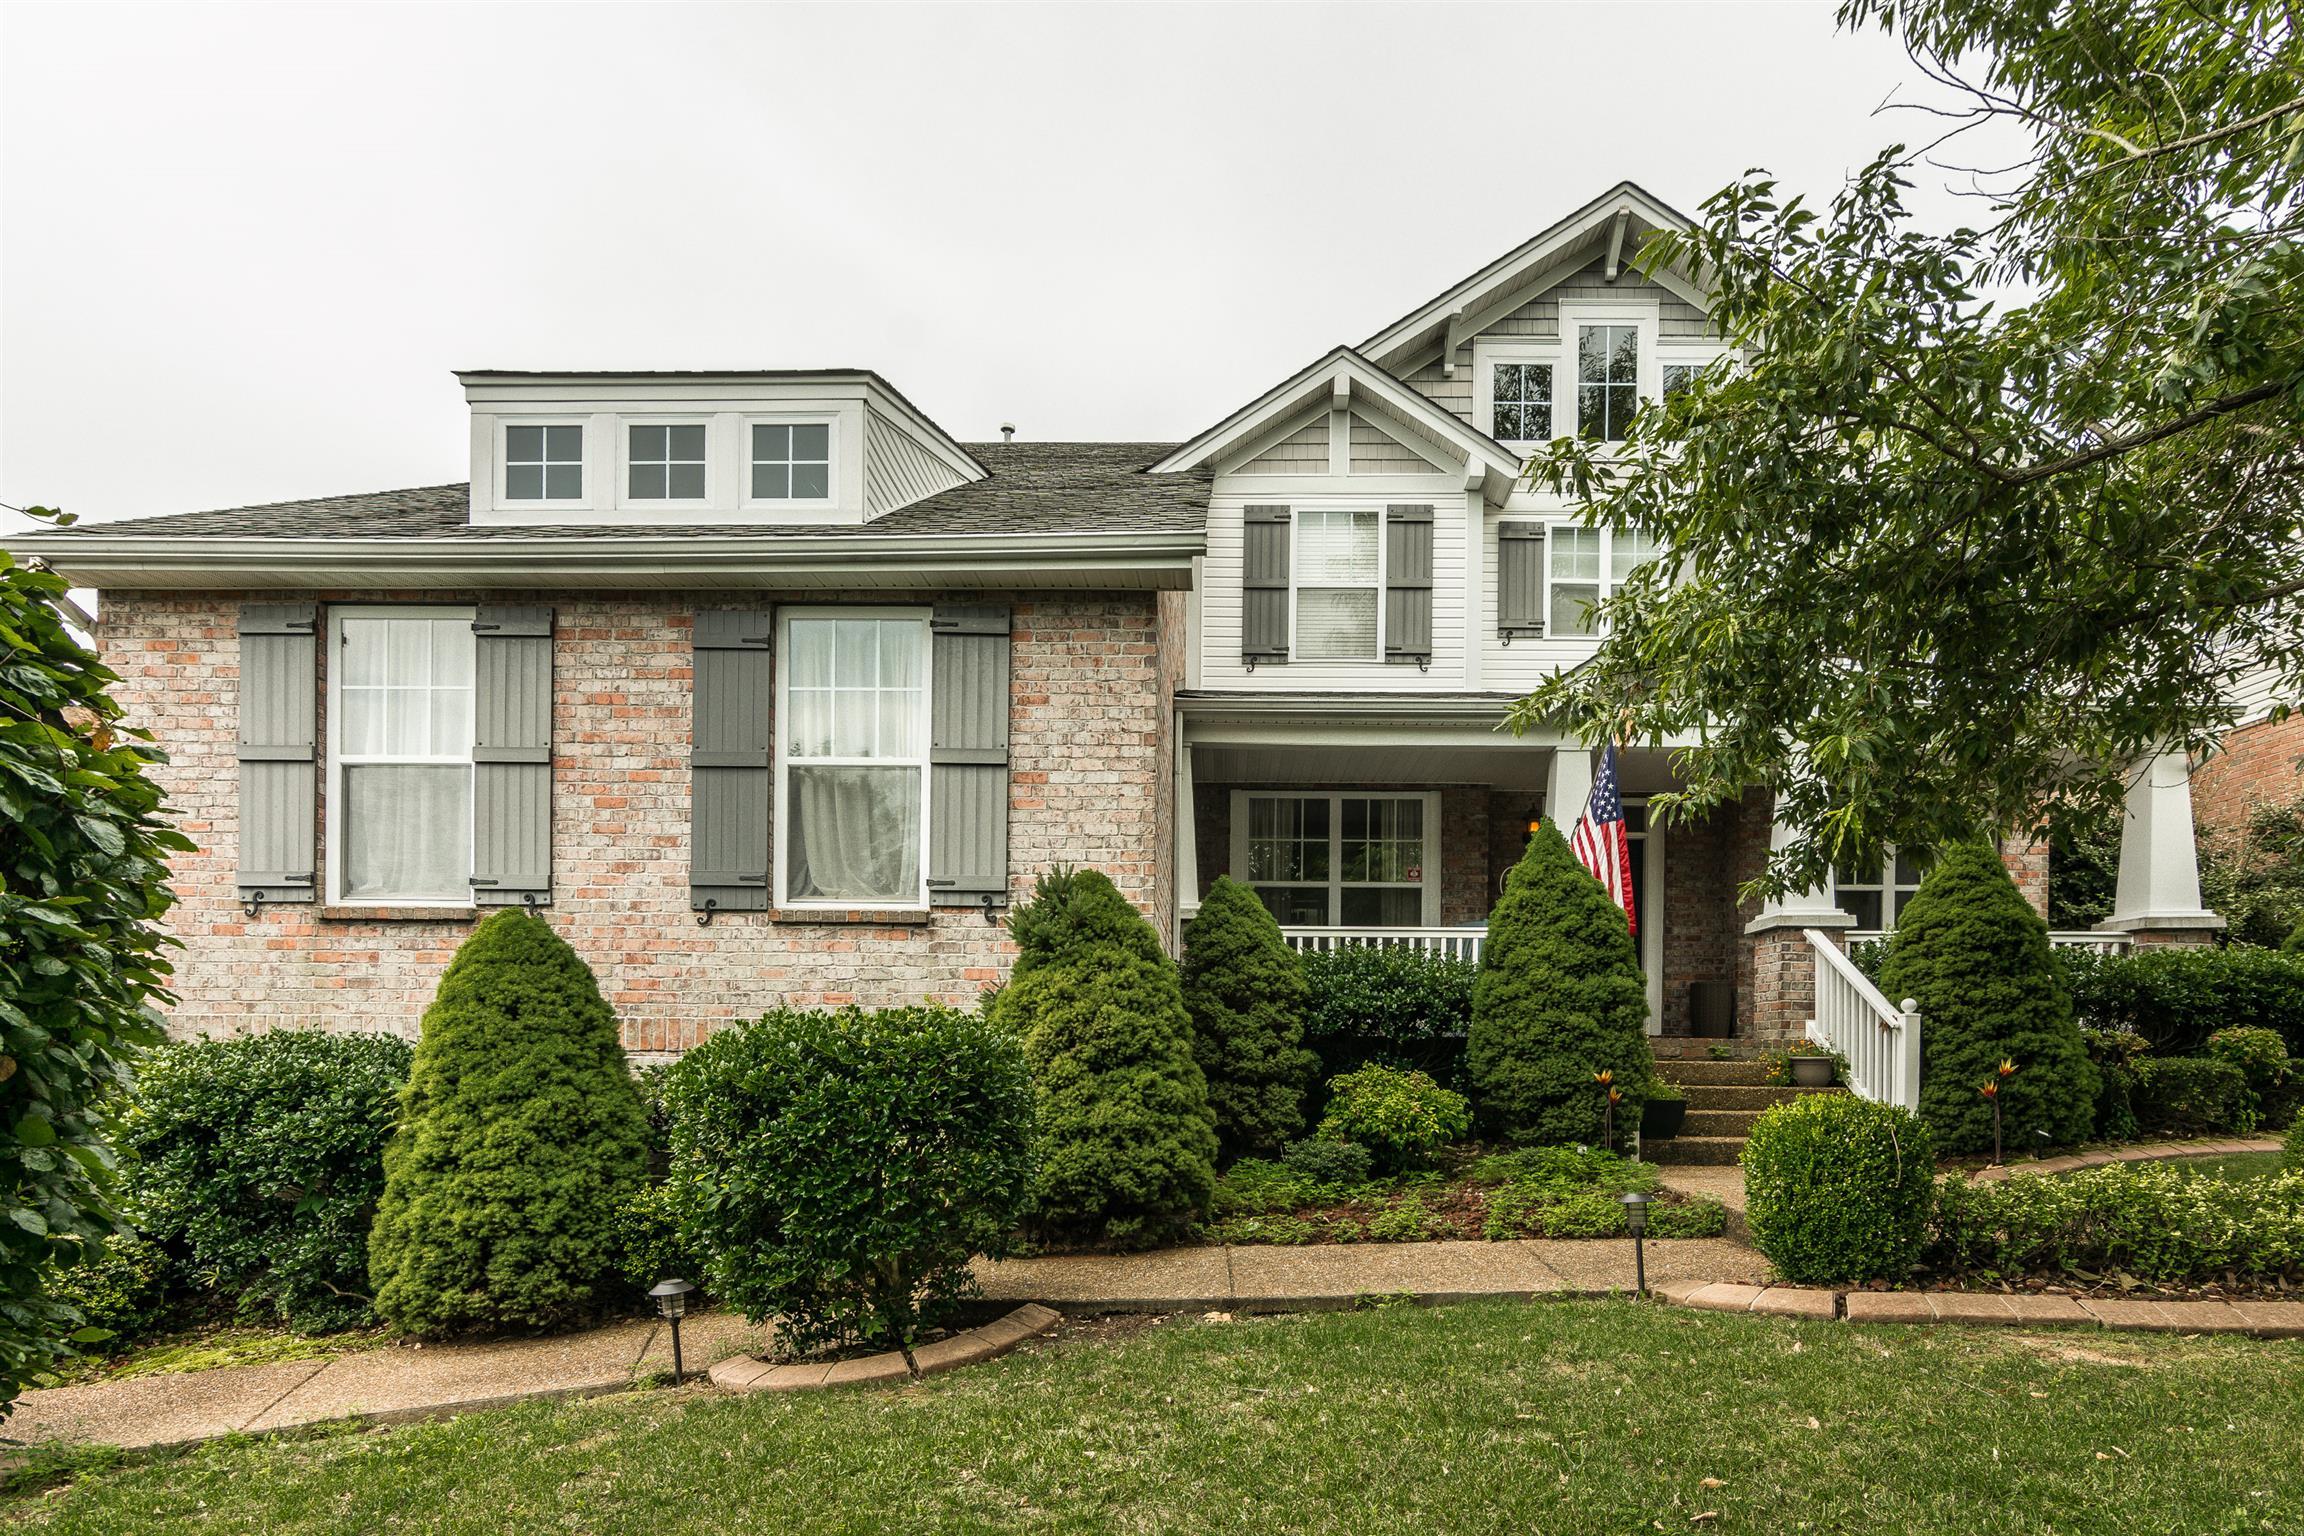 1319 Tilton Dr, Franklin, TN 37067 - Franklin, TN real estate listing